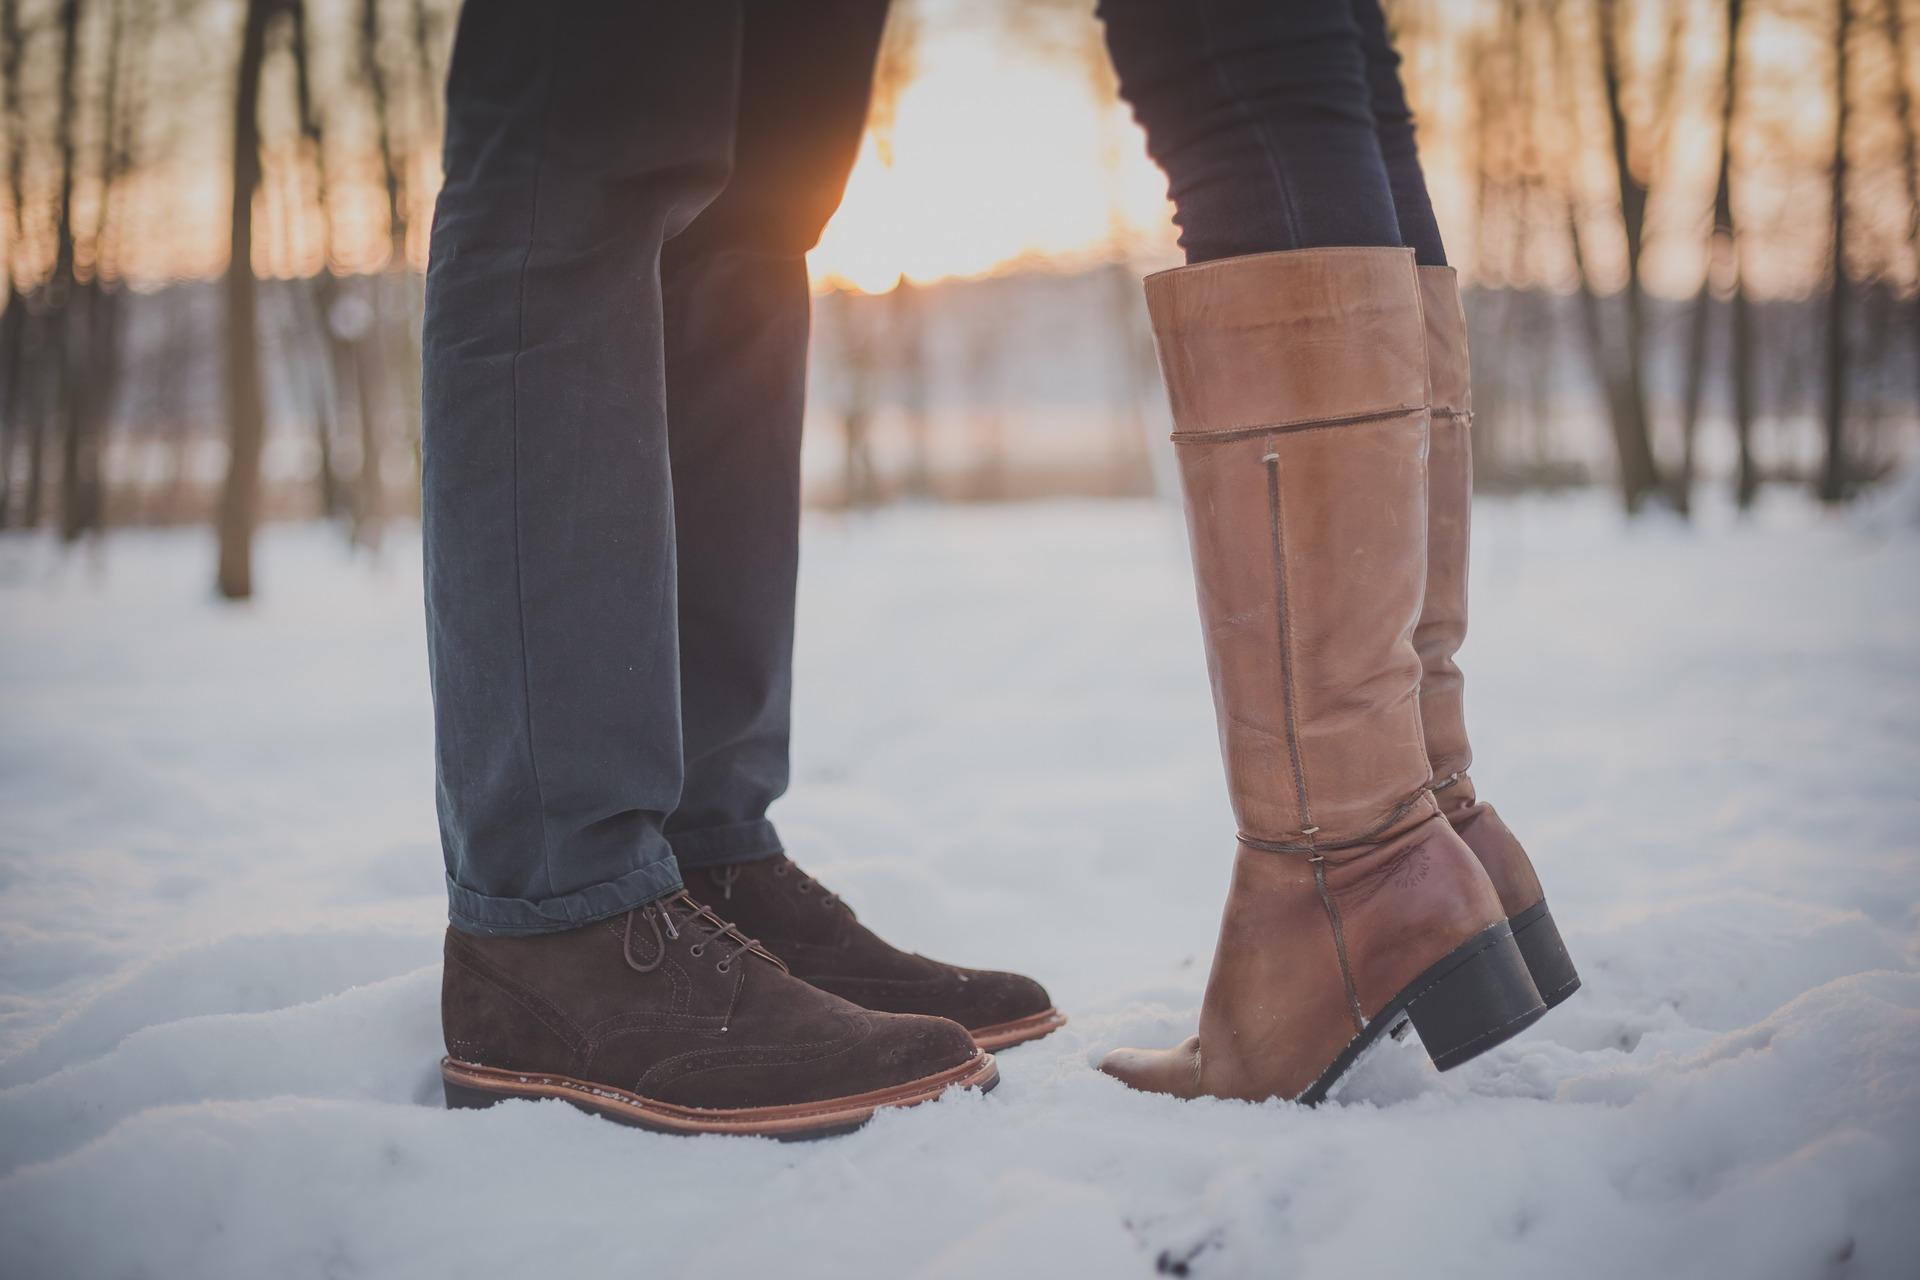 pagina per trovare un partner matrimonio trovare norvegese donne